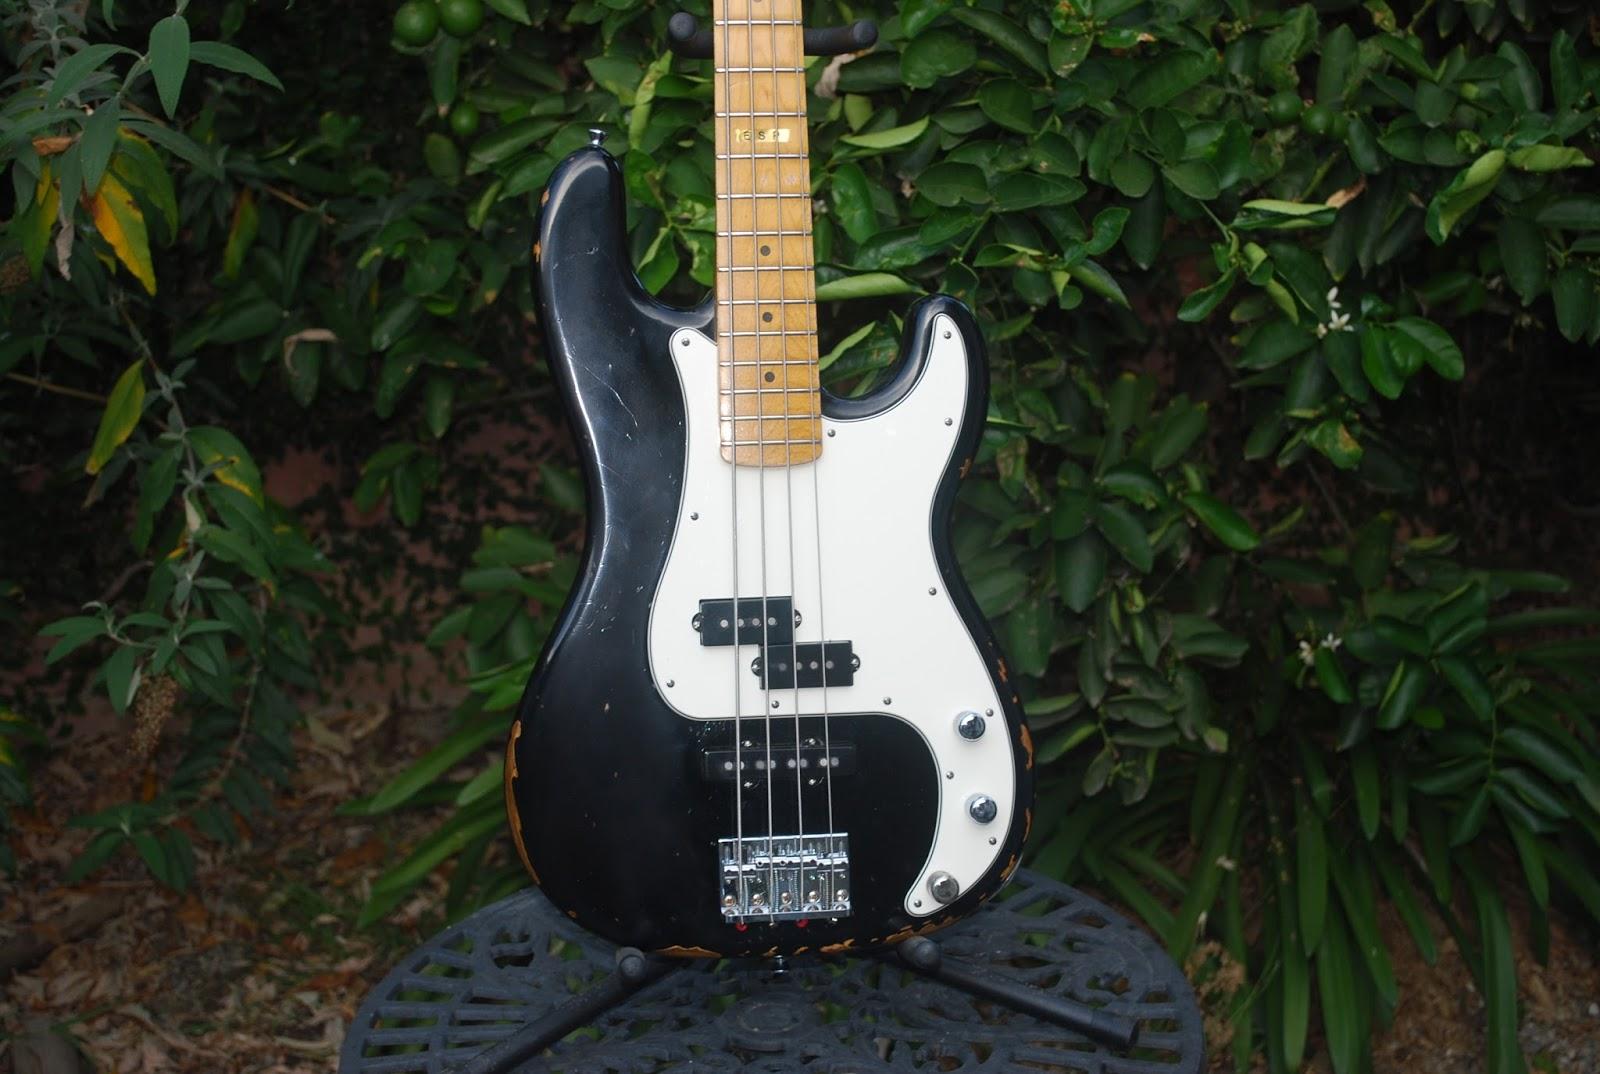 Guitares - Basses - Basses Electriques 4 Cordes - Achetez